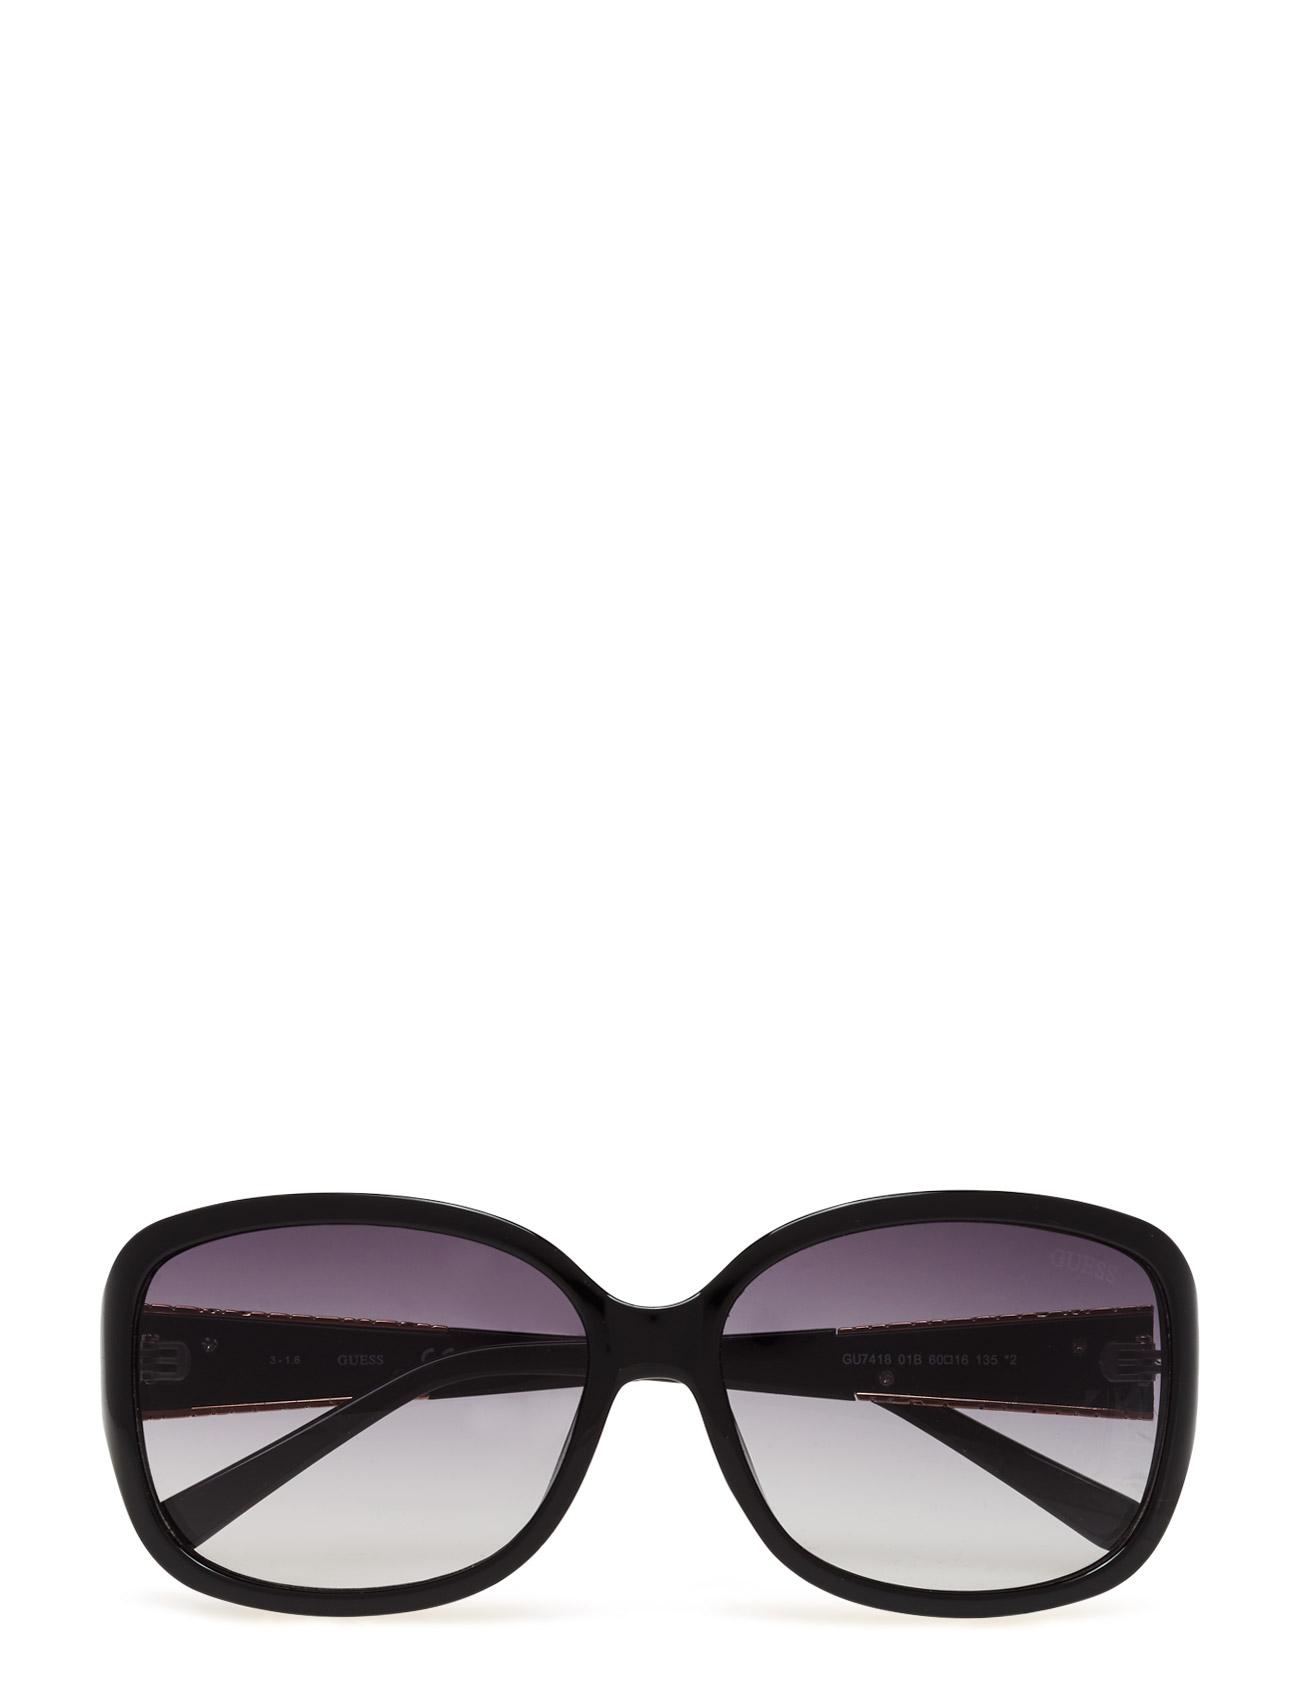 Gu7418 GUESS Solbriller til Damer i